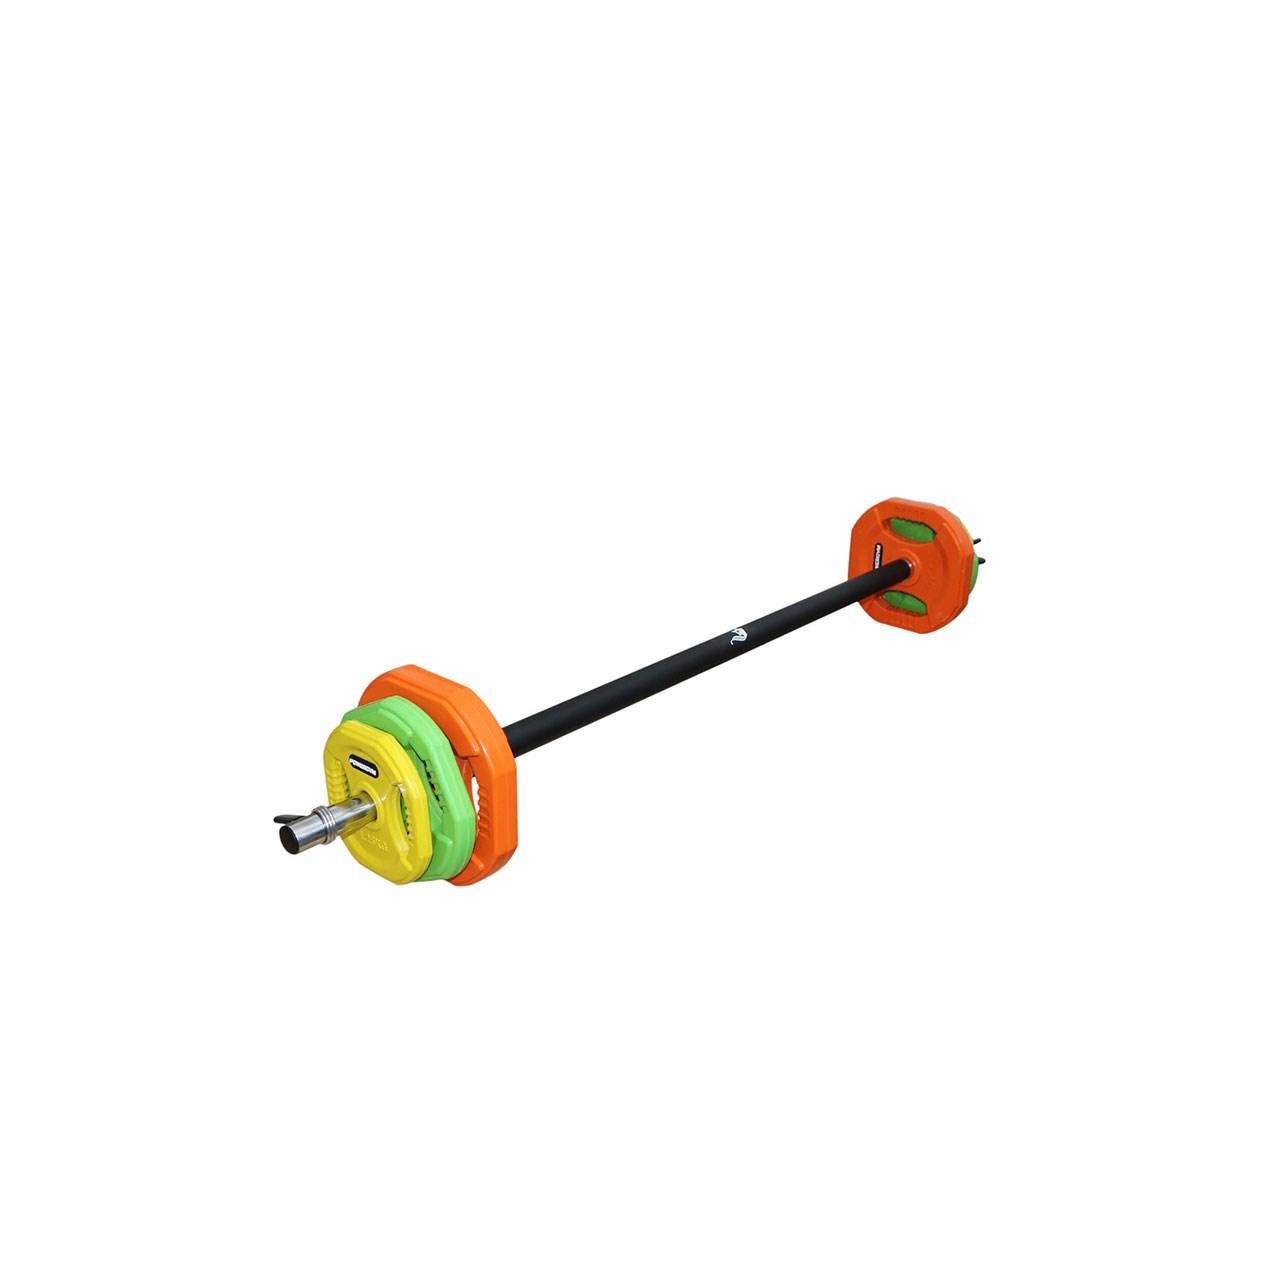 میله هالتر پاورجیم مدل 001 به همراه وزنه پامپ